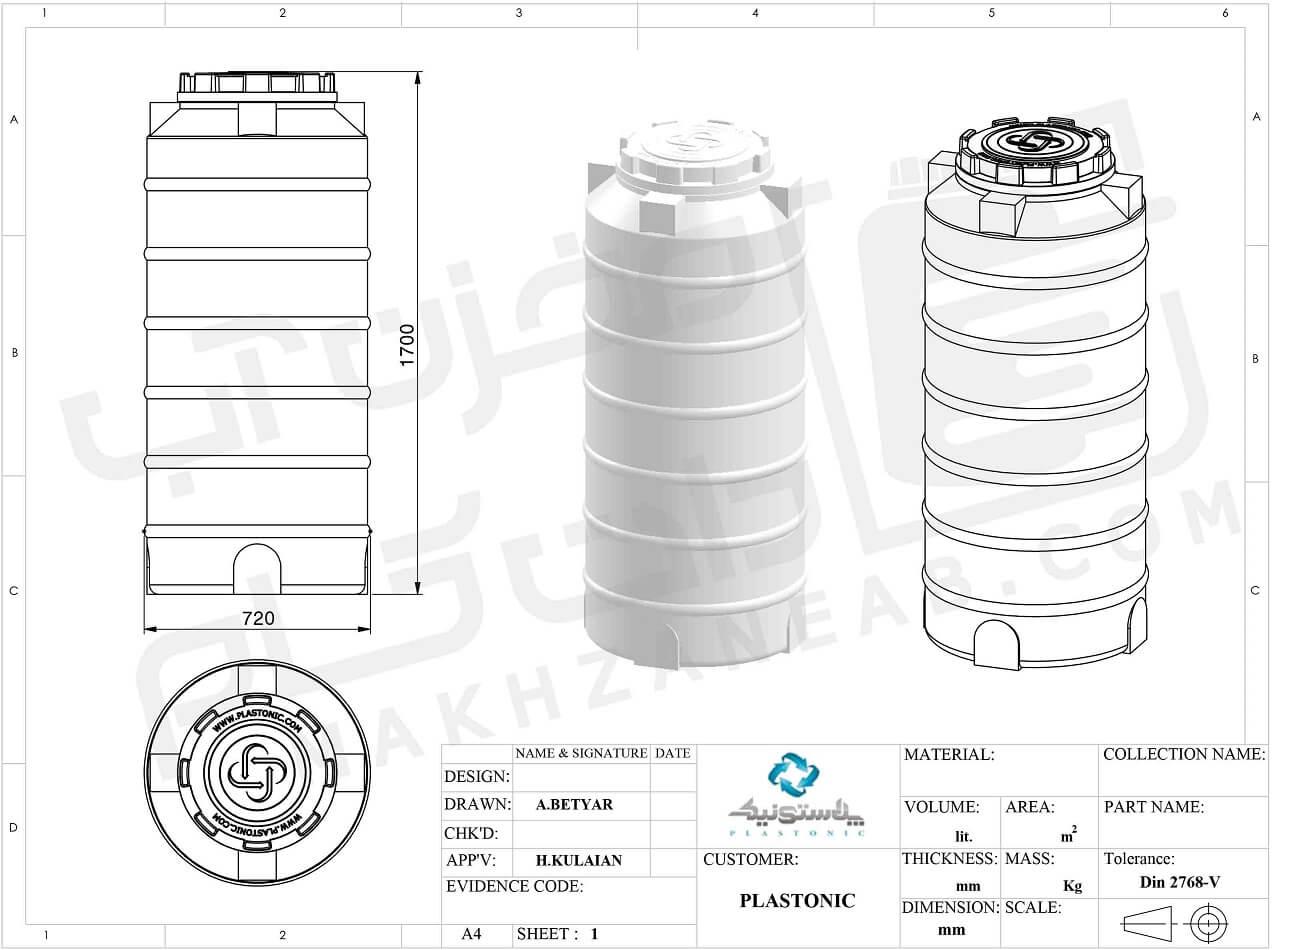 نقشه فنی و ابعاد مخزن آب پلاستیکی (پلی اتیلن) 550 لیتری